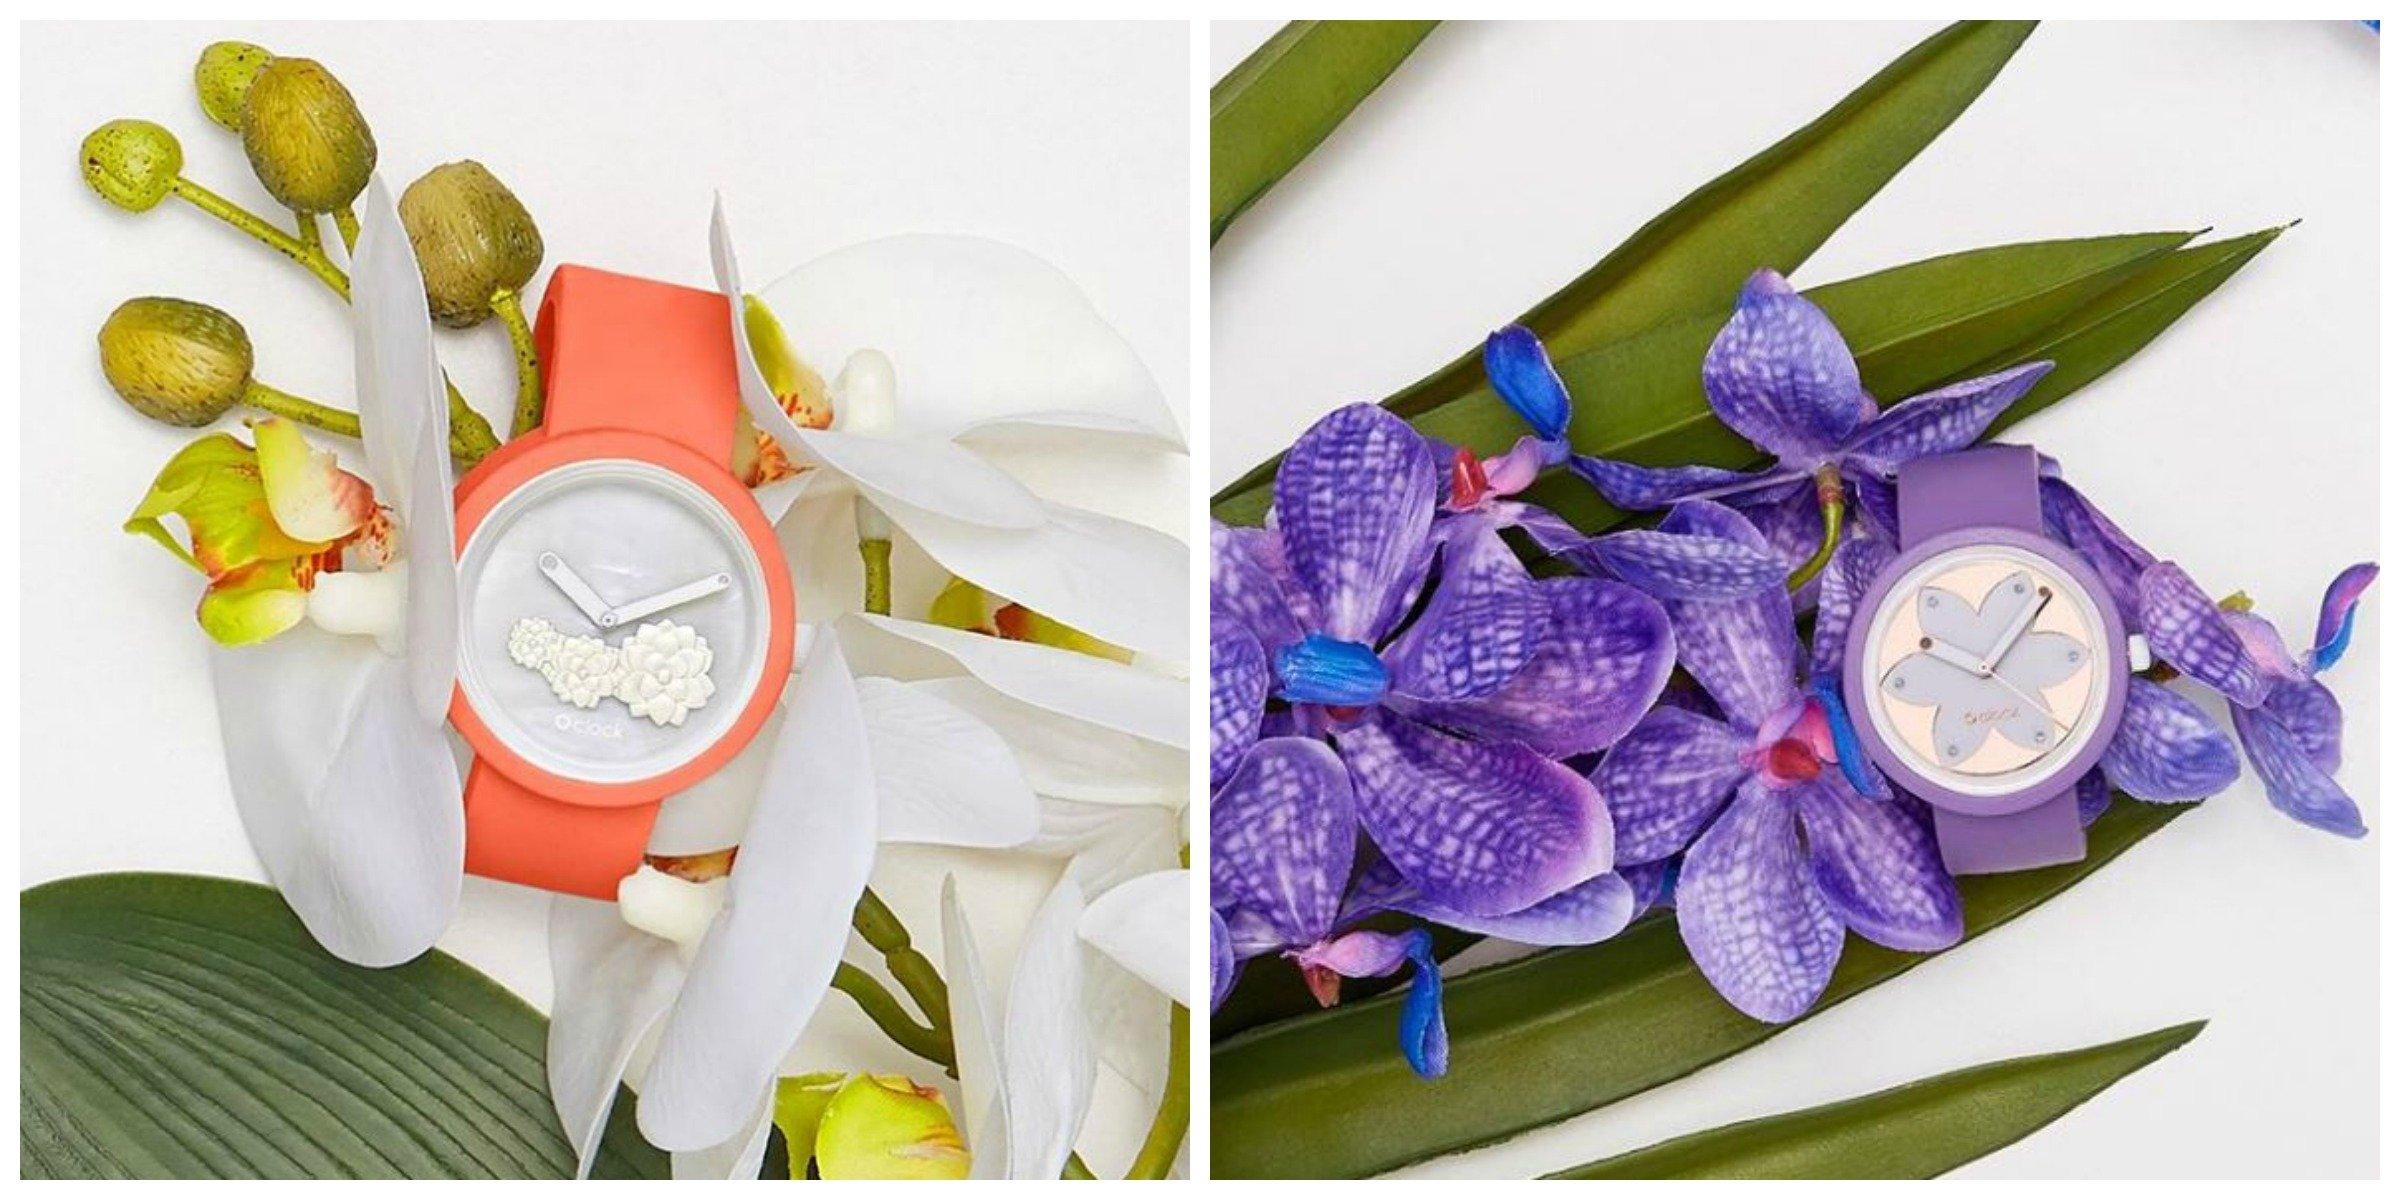 Collezione orologi O Clock di o bag primavera estate 2019